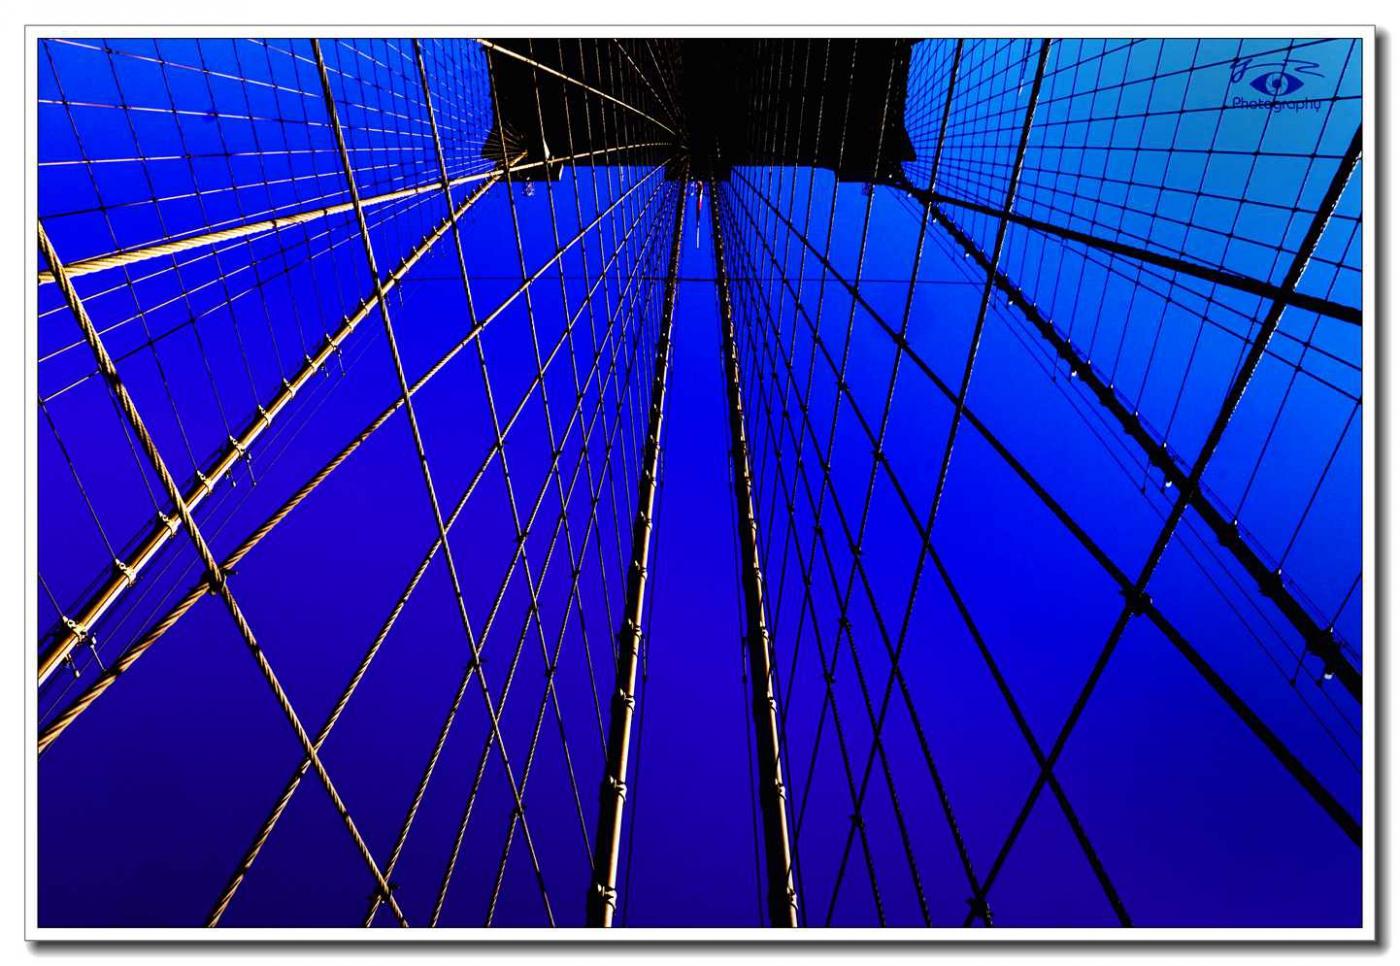 【相机人生】步徒布鲁克林大桥(490)_图1-3